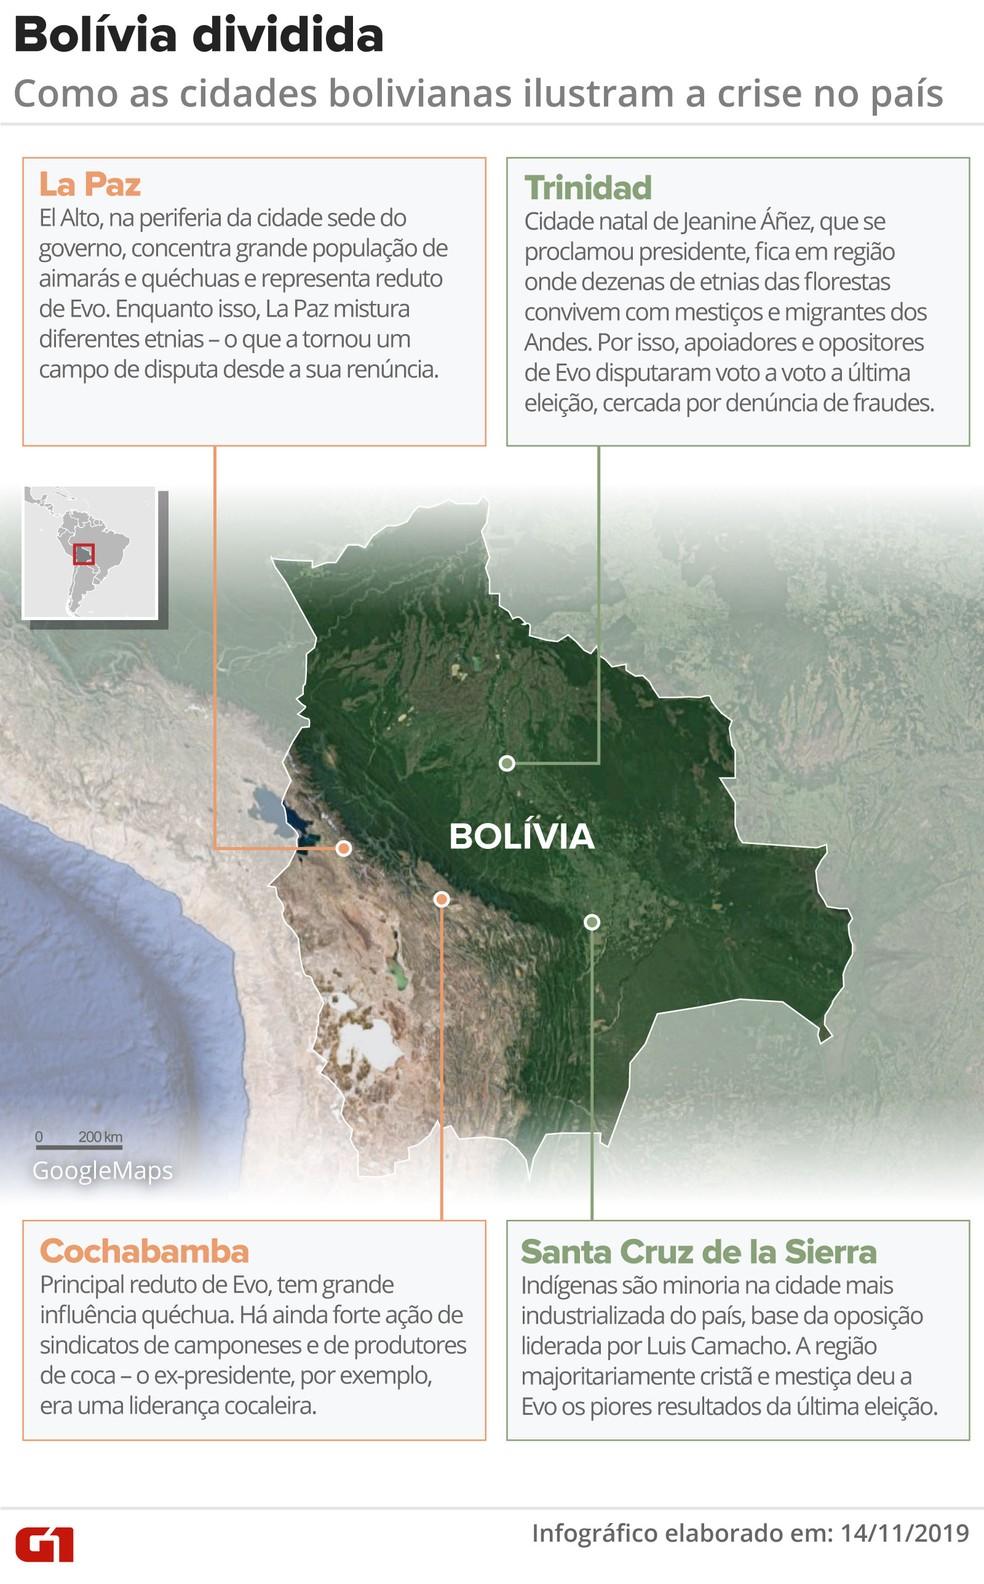 Mapa mostra cidades da Bolívia e relação com as divisões políticas do país — Foto: Wagner Magalhães/G1